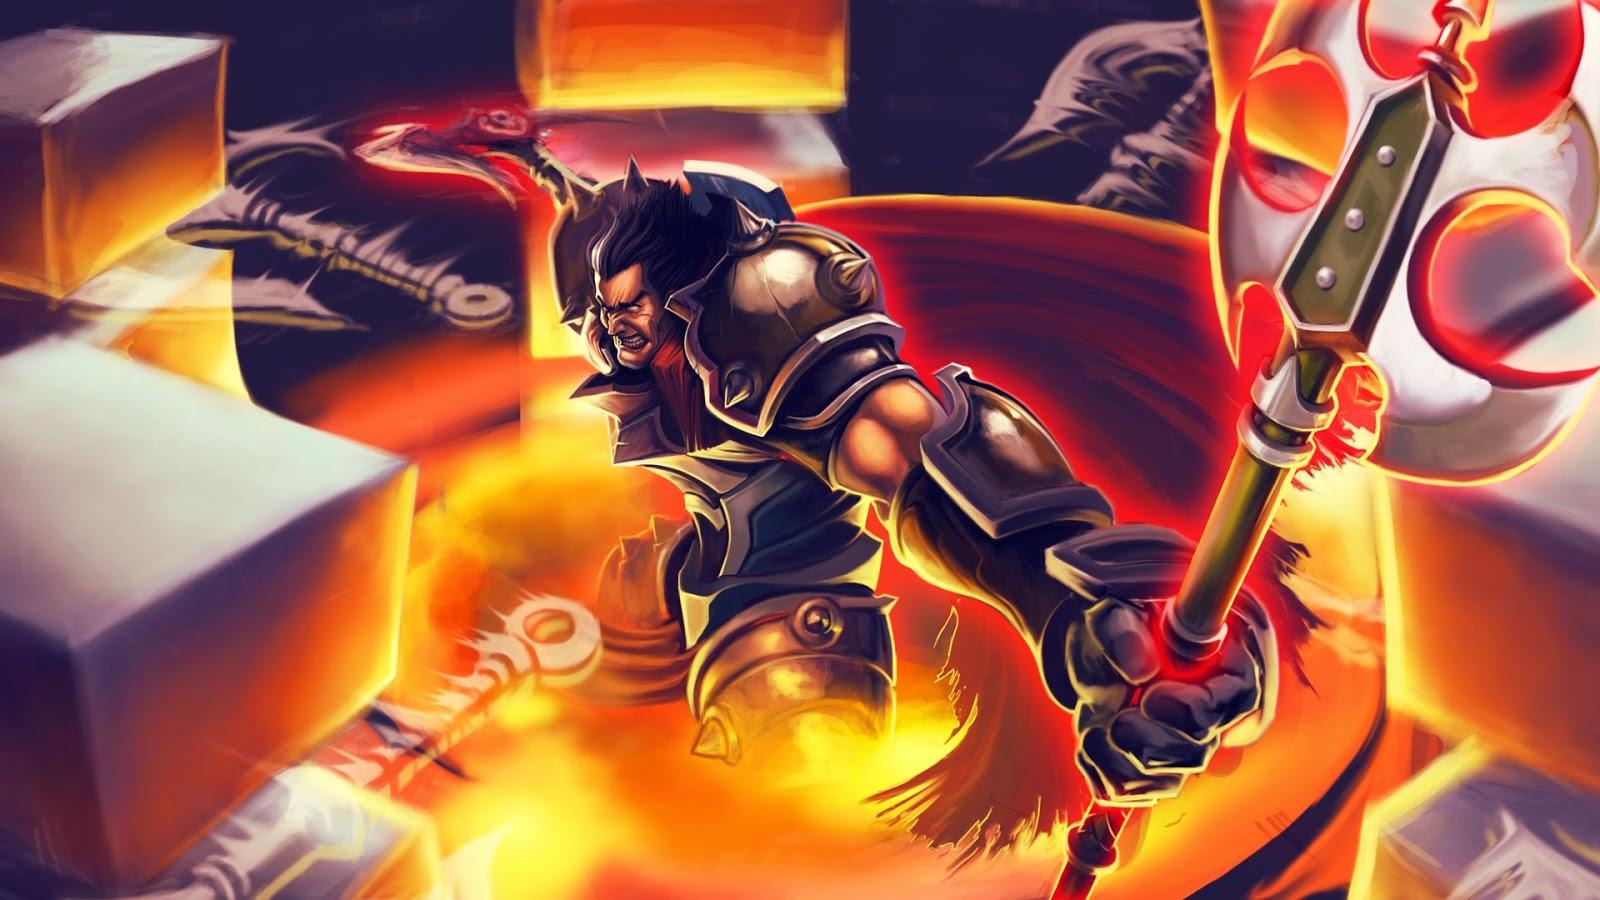 Tải hình ảnh Darius LOL làm ảnh nền ảnh bìa full HD